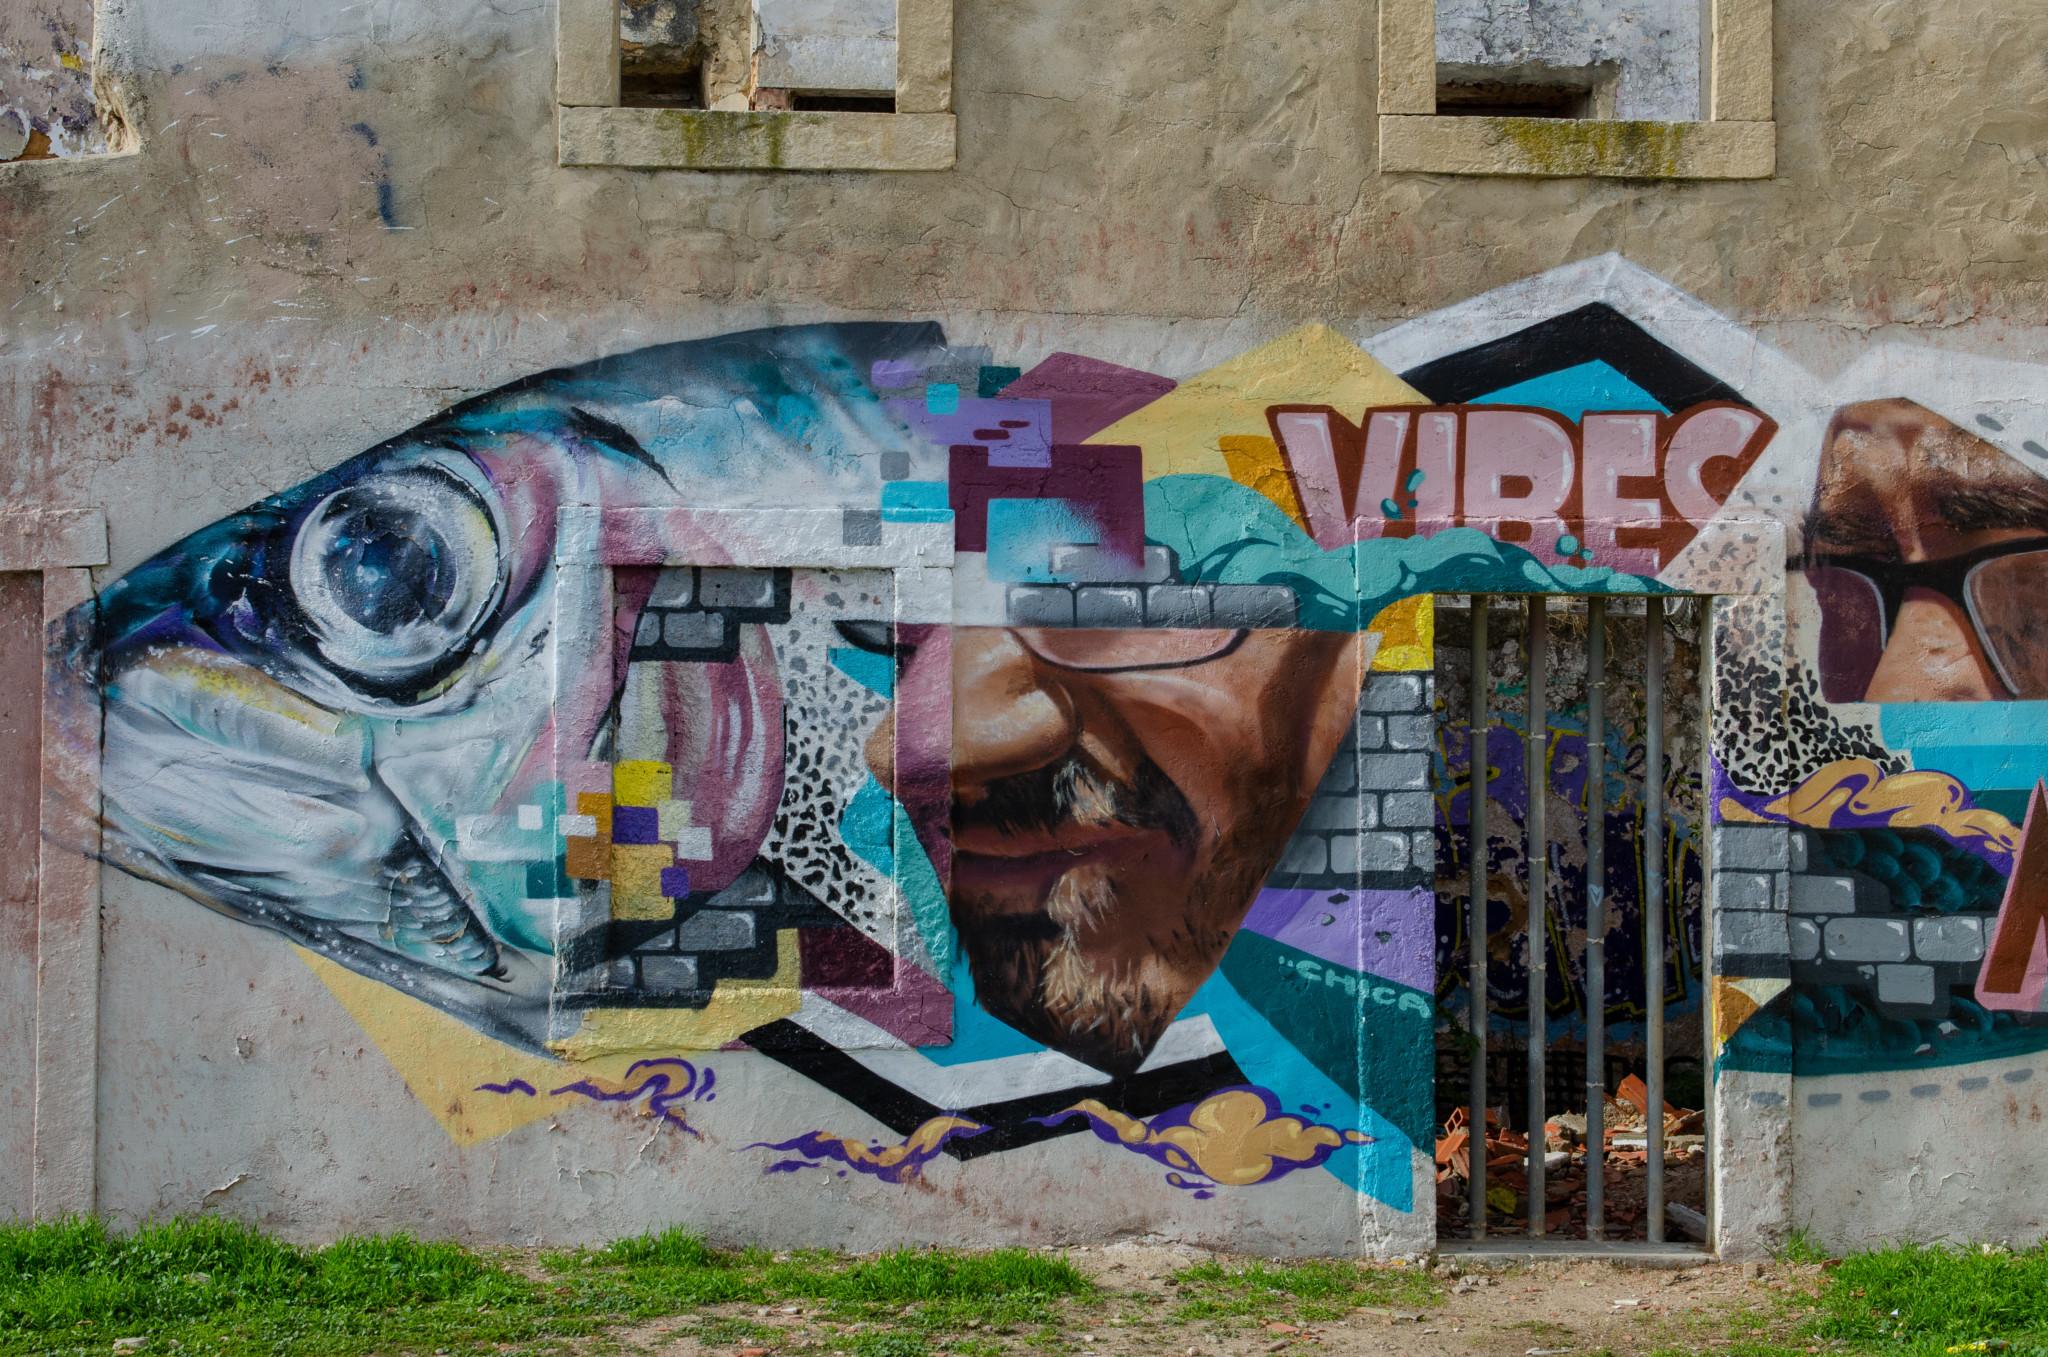 Unser Lissabon Geheimtipp ist diese kleine Streetart-Hintergasse